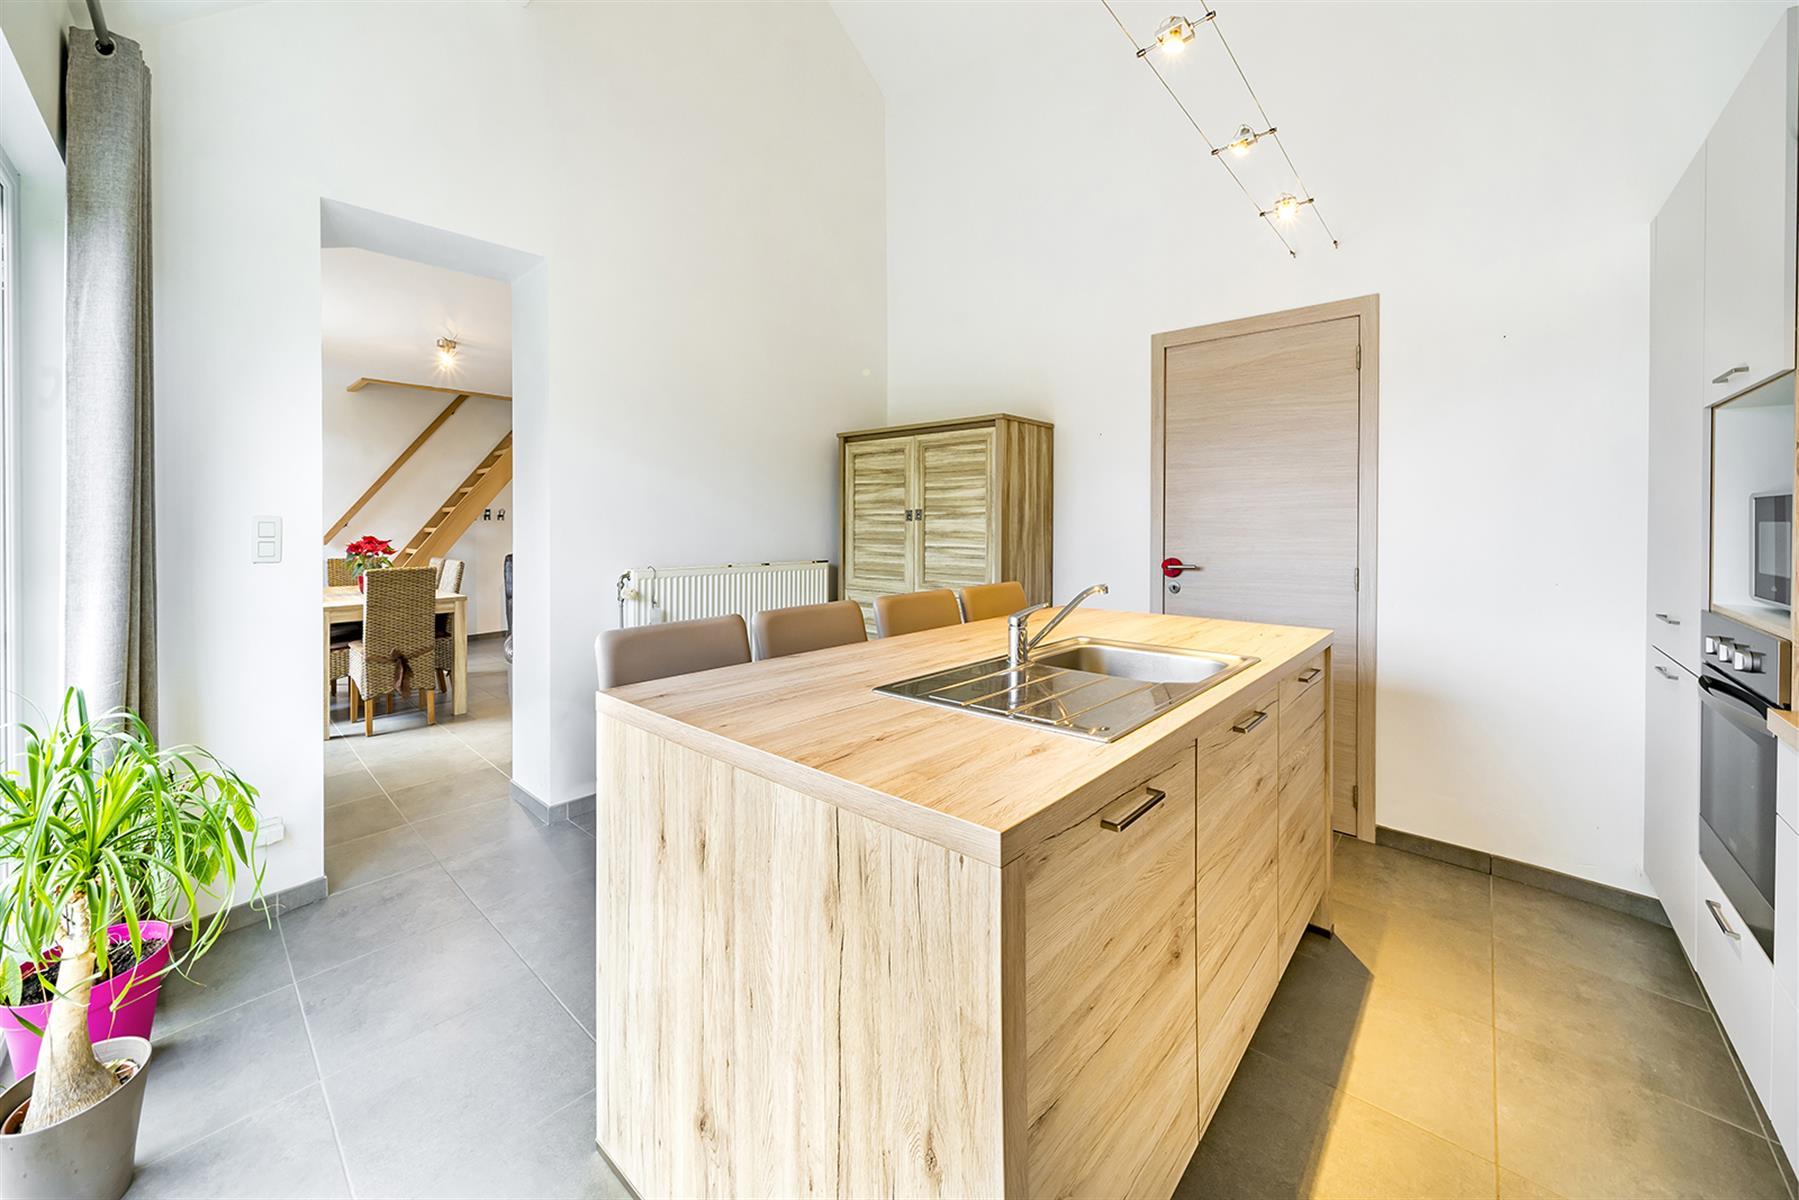 Maison - Saint-Georgessur-Meuse - #3638461-7